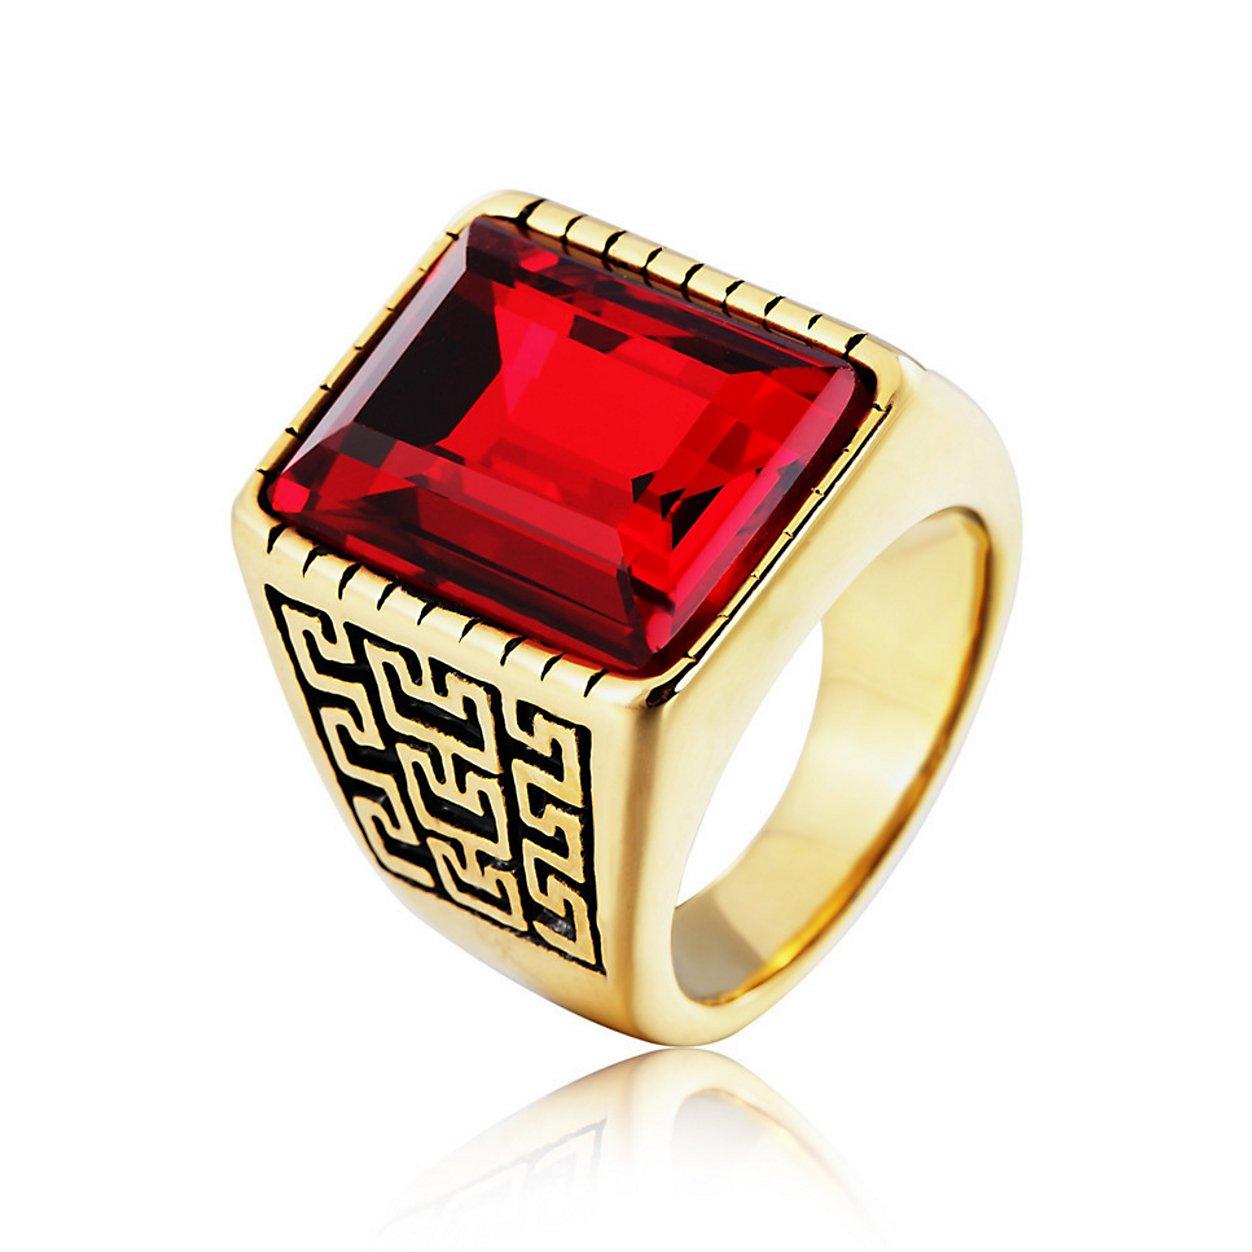 Taizhiwei anello acquamarina titanio acciaio inox tungsteno metallo incisione vintage argento anello uomo MULEI Rizexi-GZ07